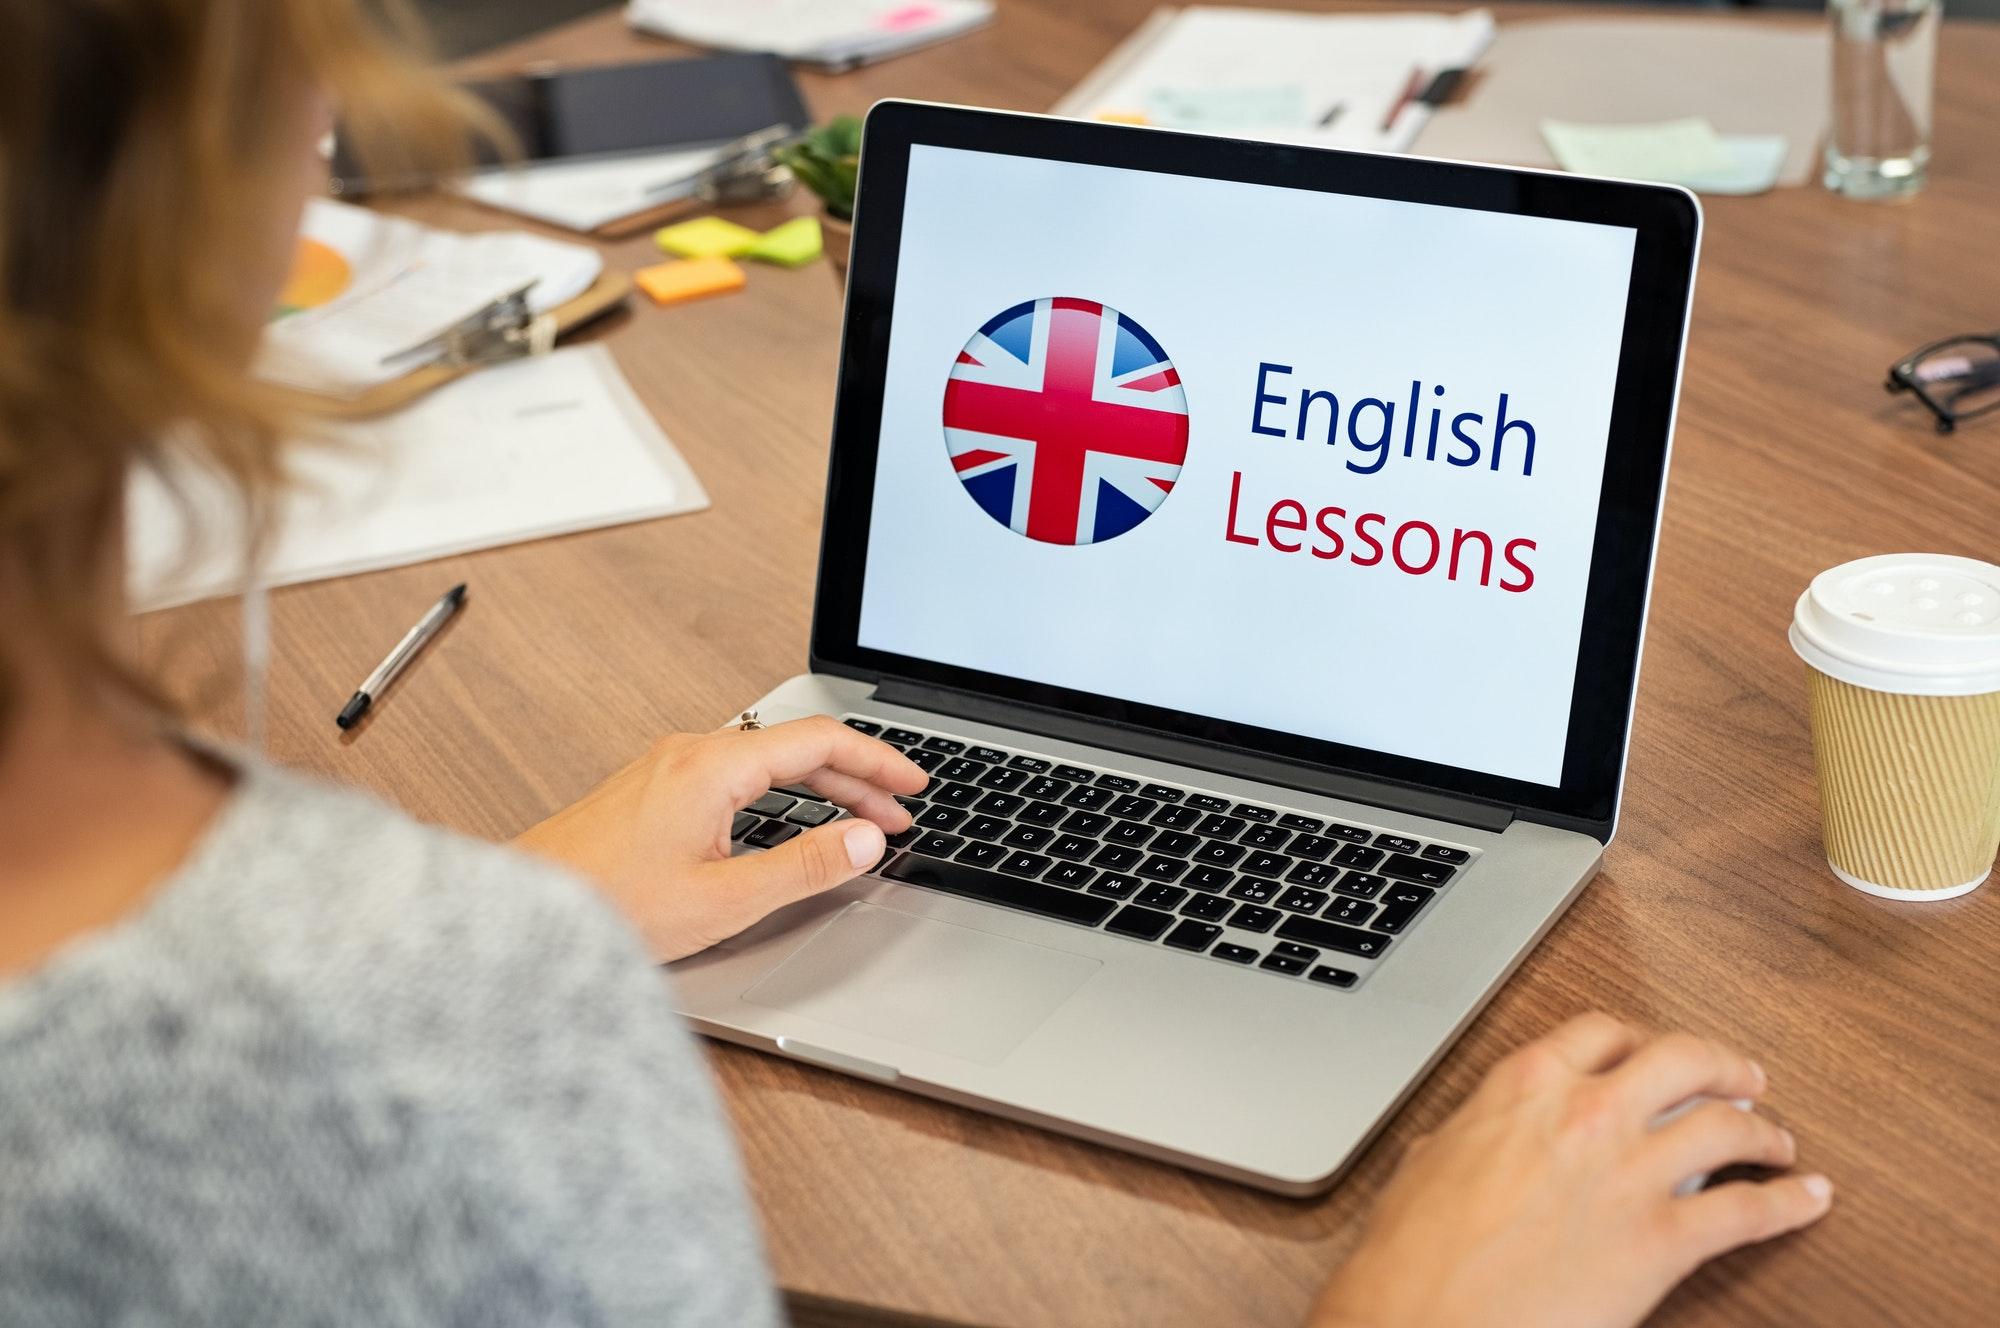 كيفية تعلم الانجليزية بسرعة